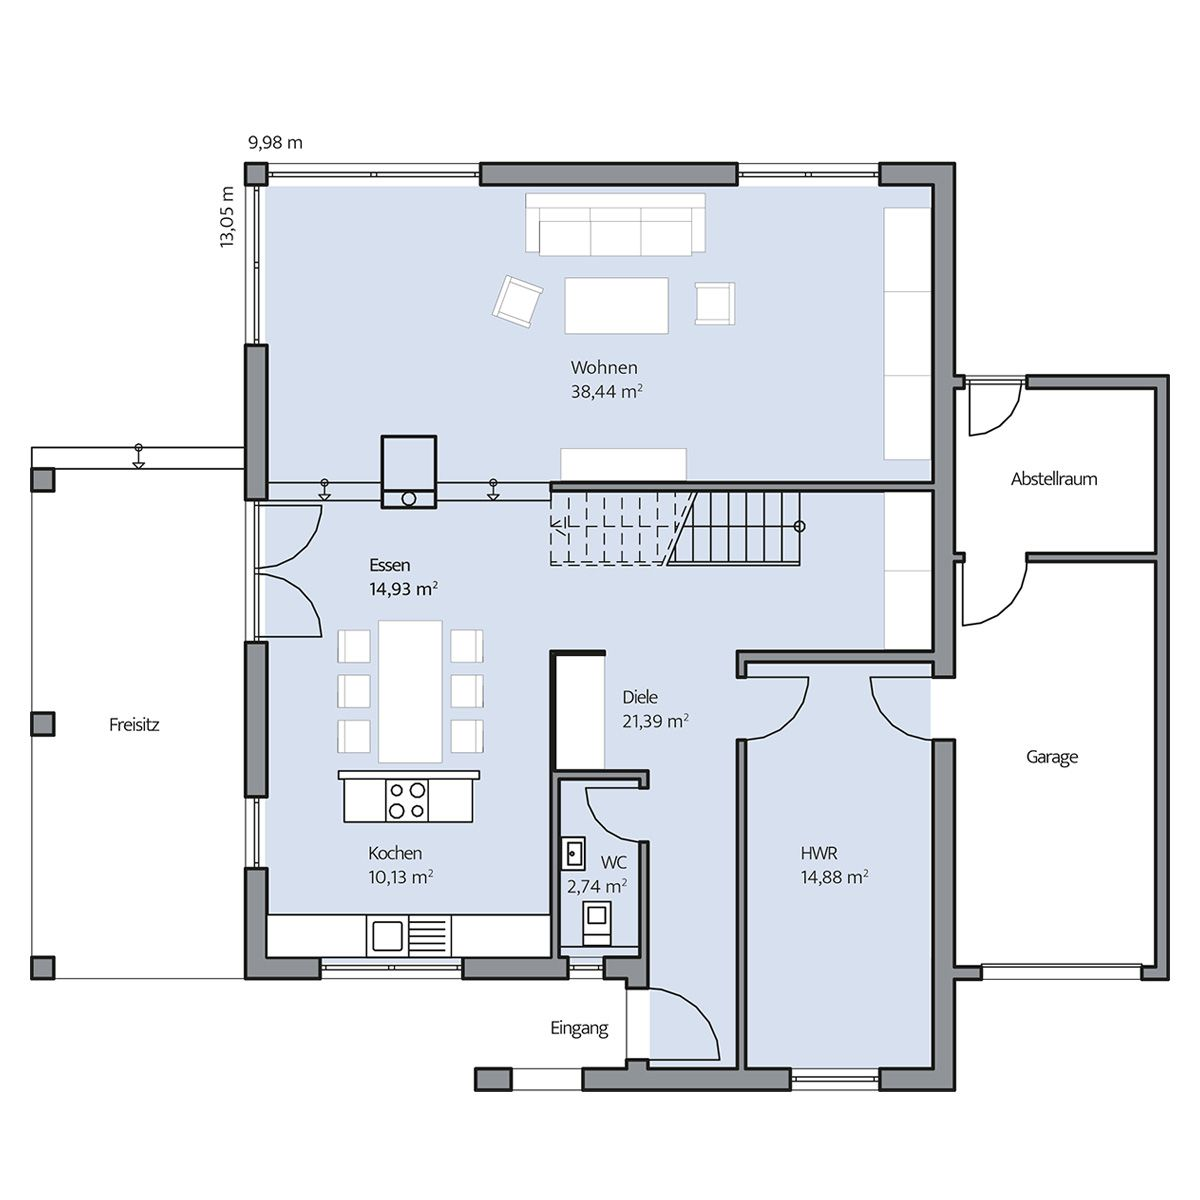 wc dusche re unten neben eingang garderobe danach speis. Black Bedroom Furniture Sets. Home Design Ideas